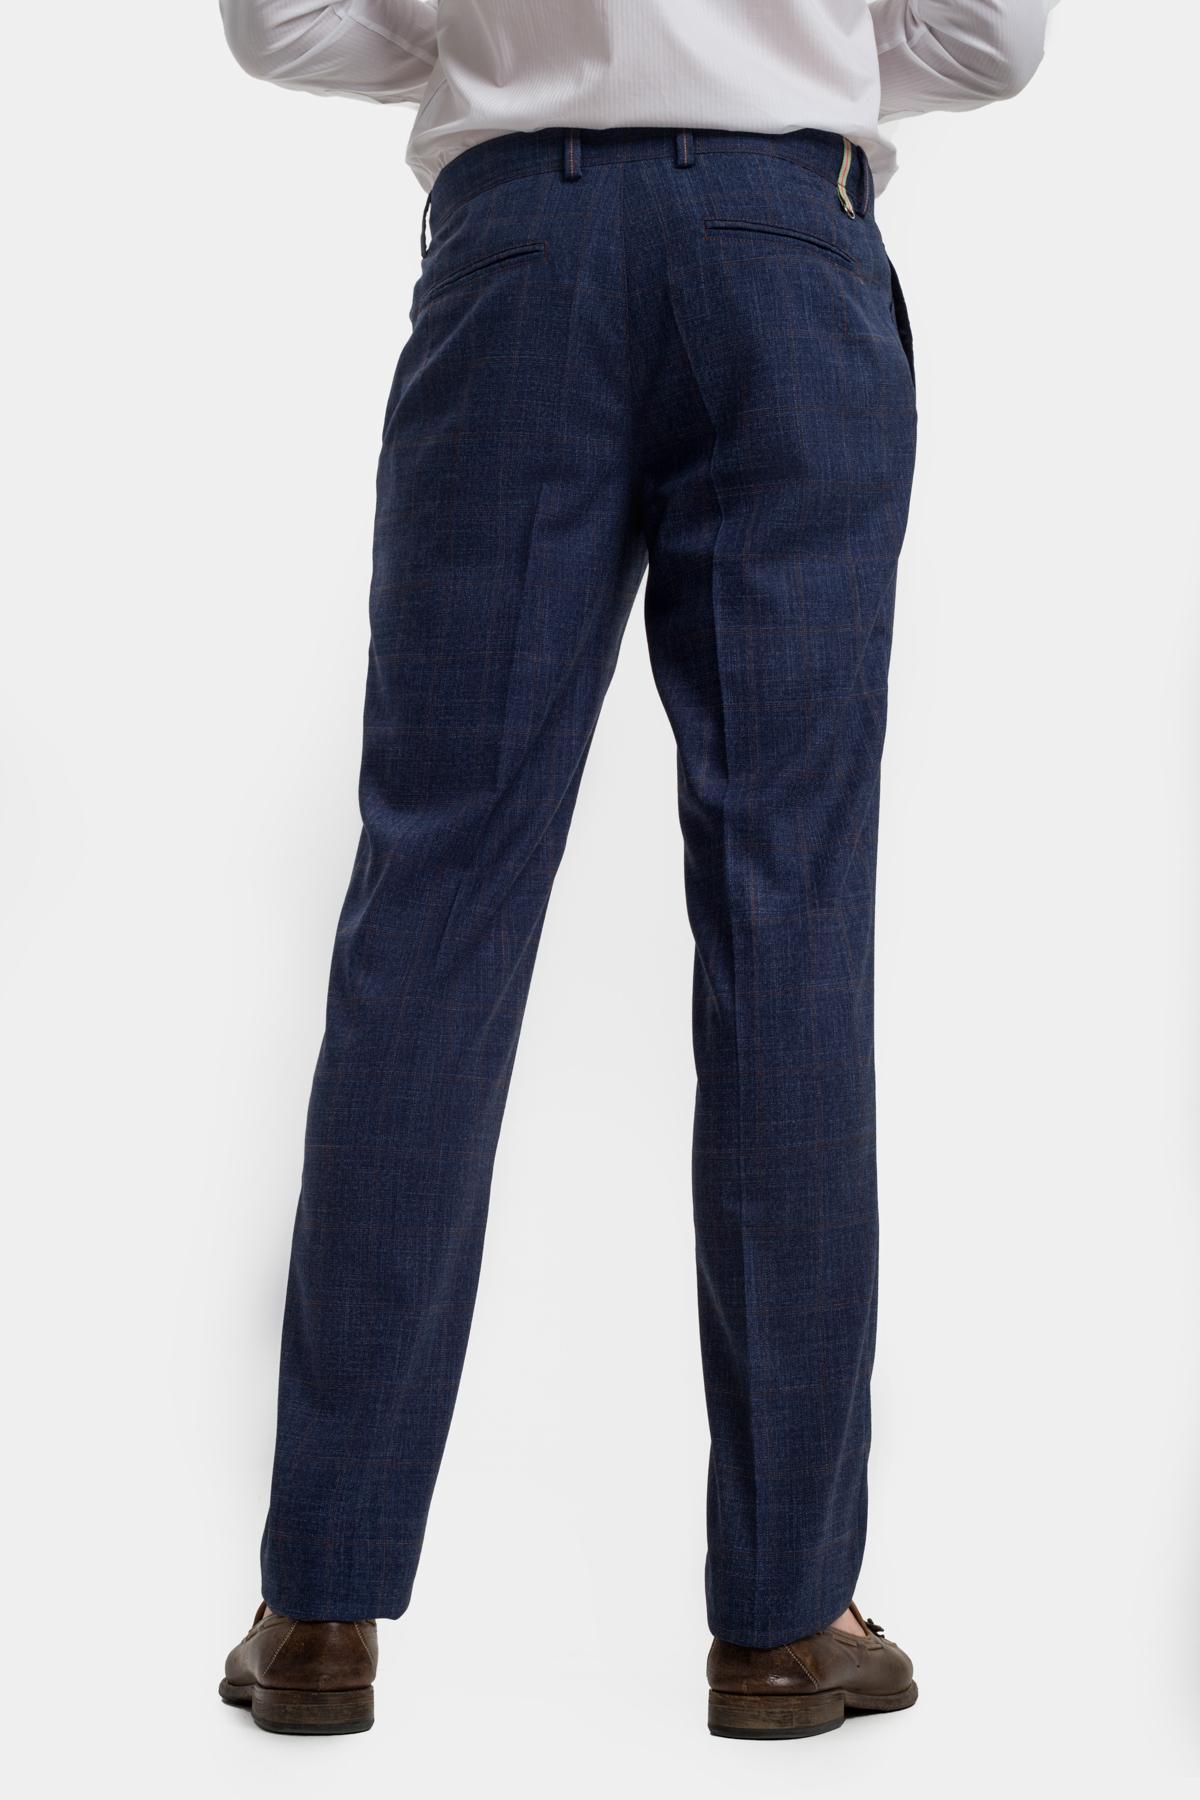 Зауженные брюки облегающего кроя  Vaismann  21401